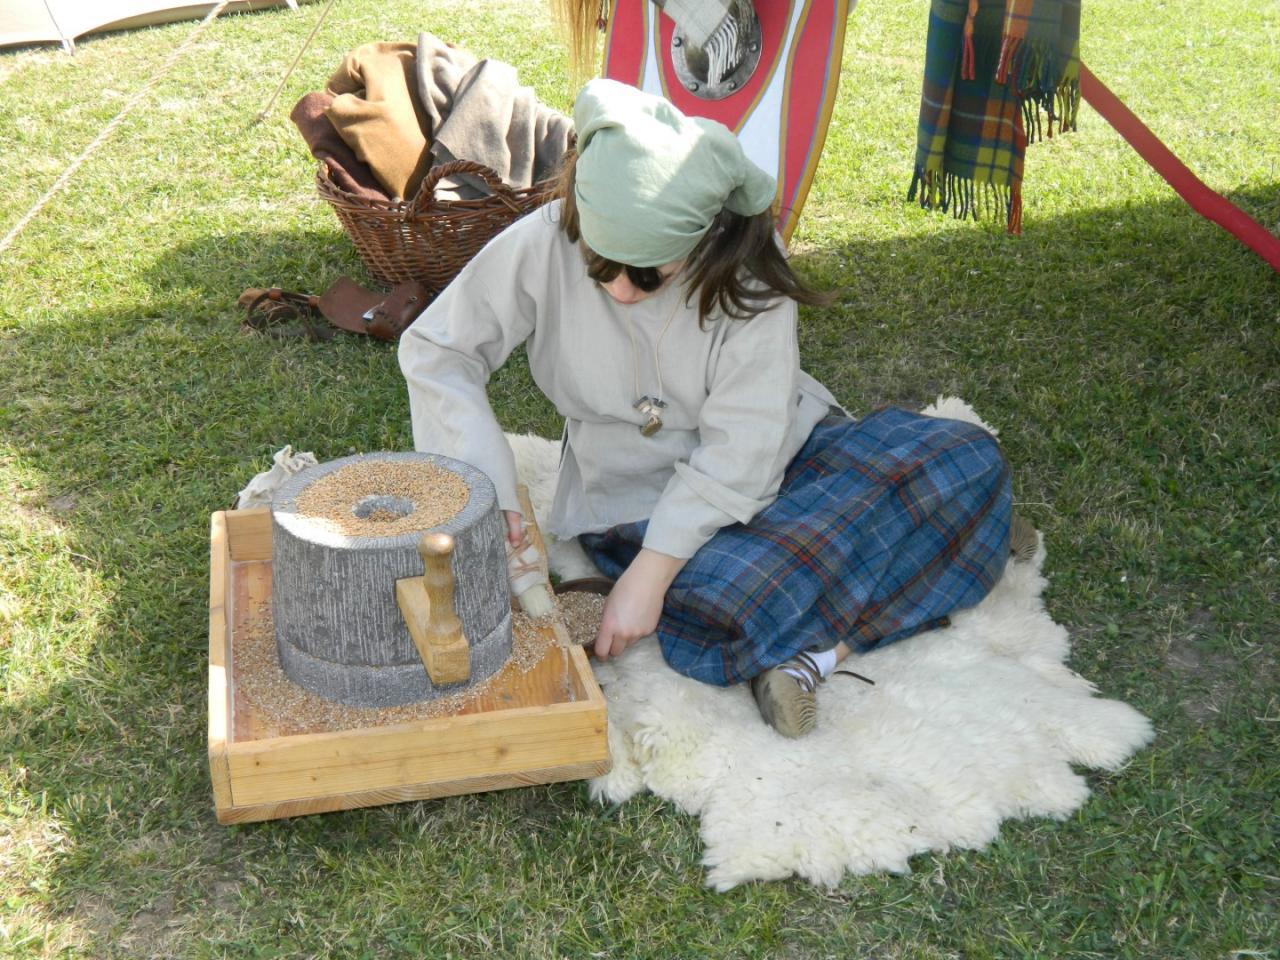 Jeune arverne moulant le blé à l'aide d'une meule